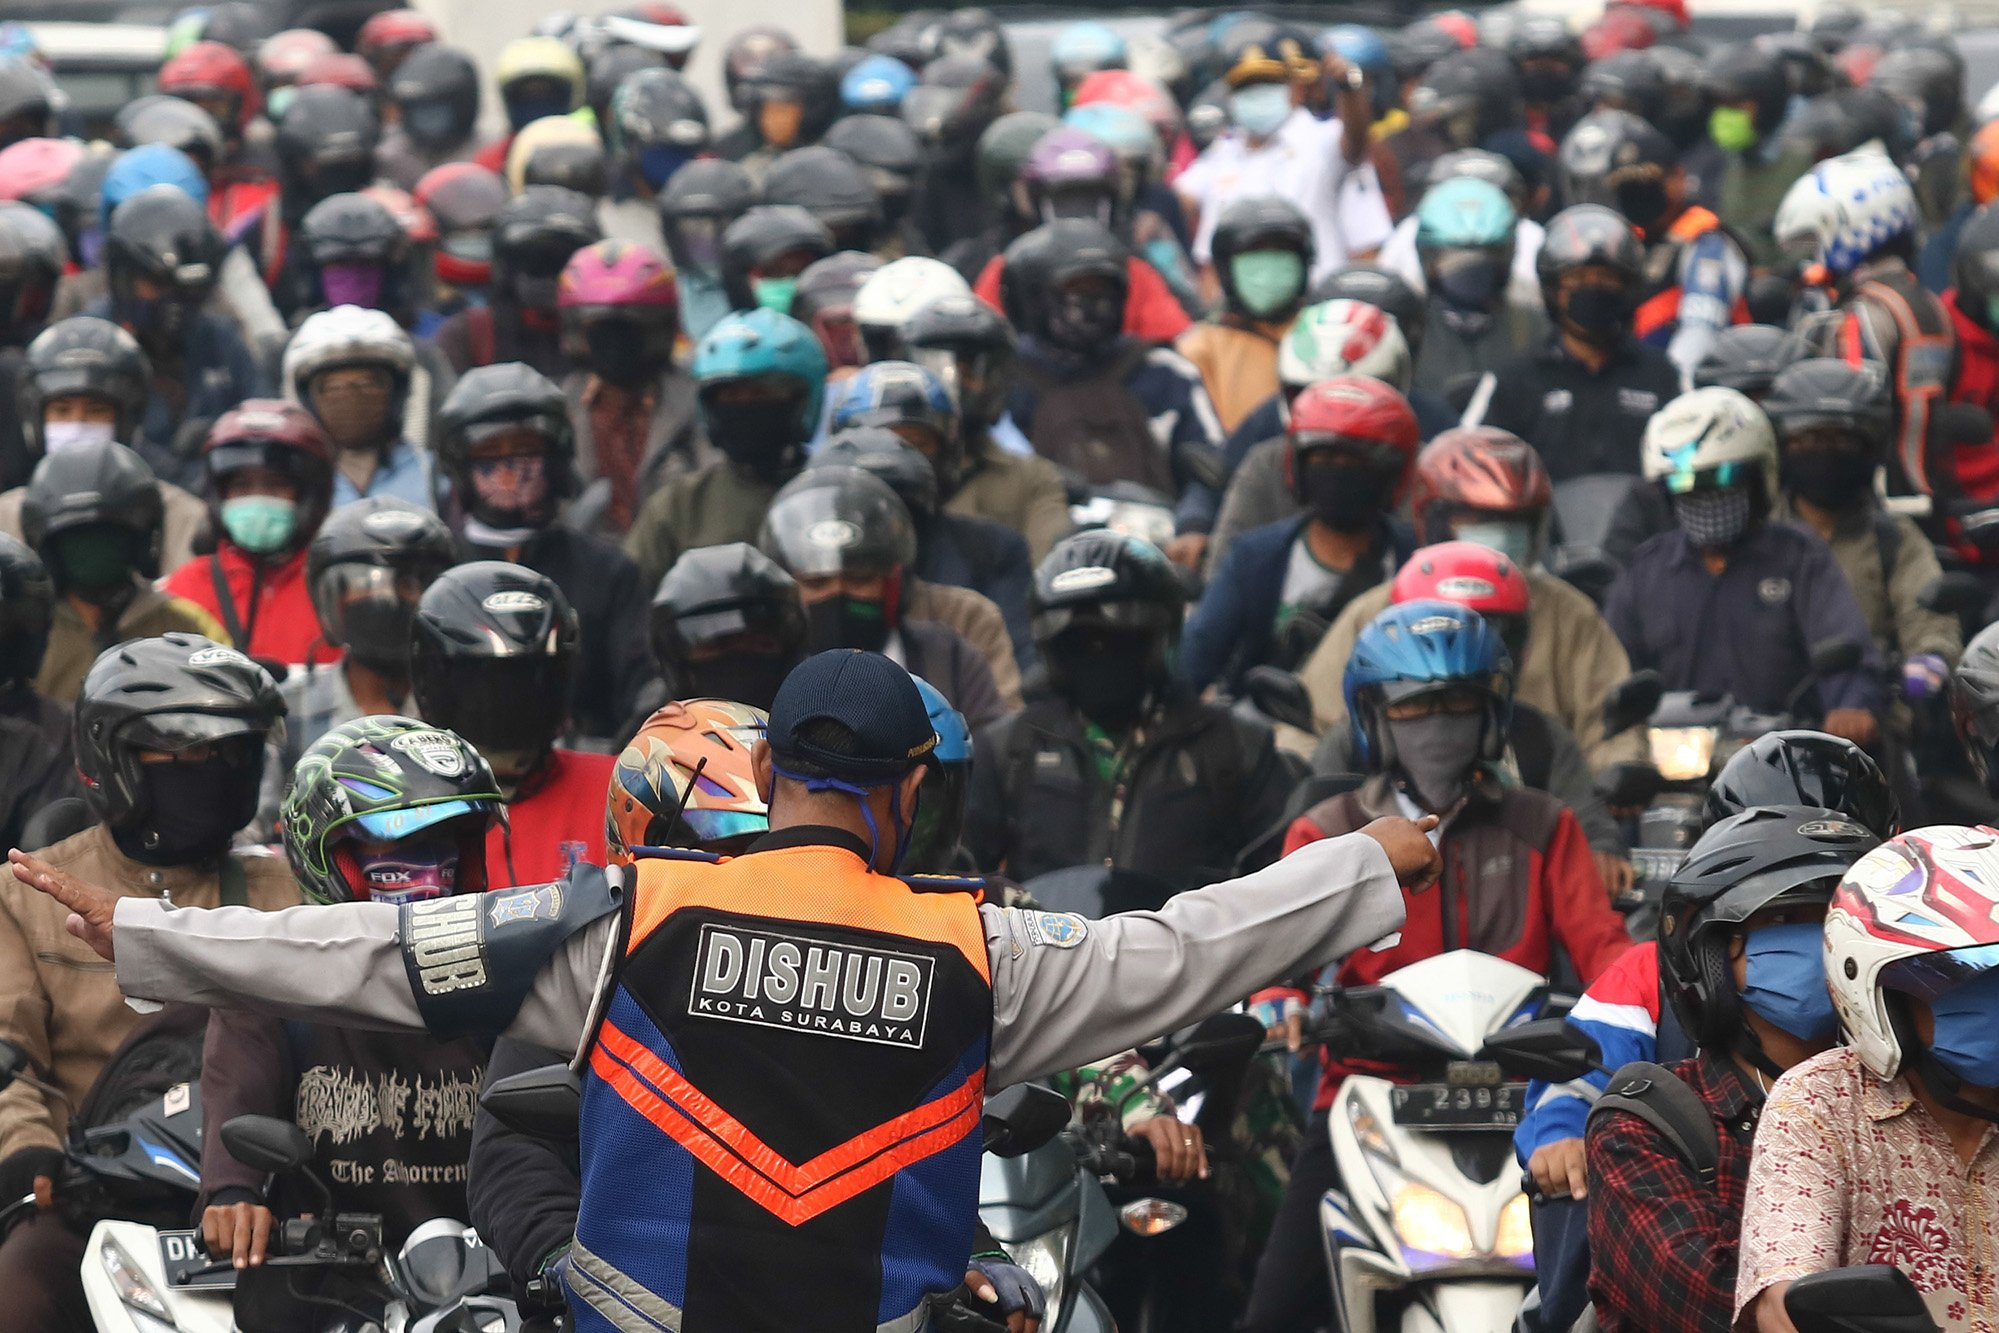 Petugas gabungan melakukan penyekatan saat Pembatasan Sosial Berskala Besar (PSBB) Tahap III di Bundaran Waru, Surabaya, Jawa Timur.